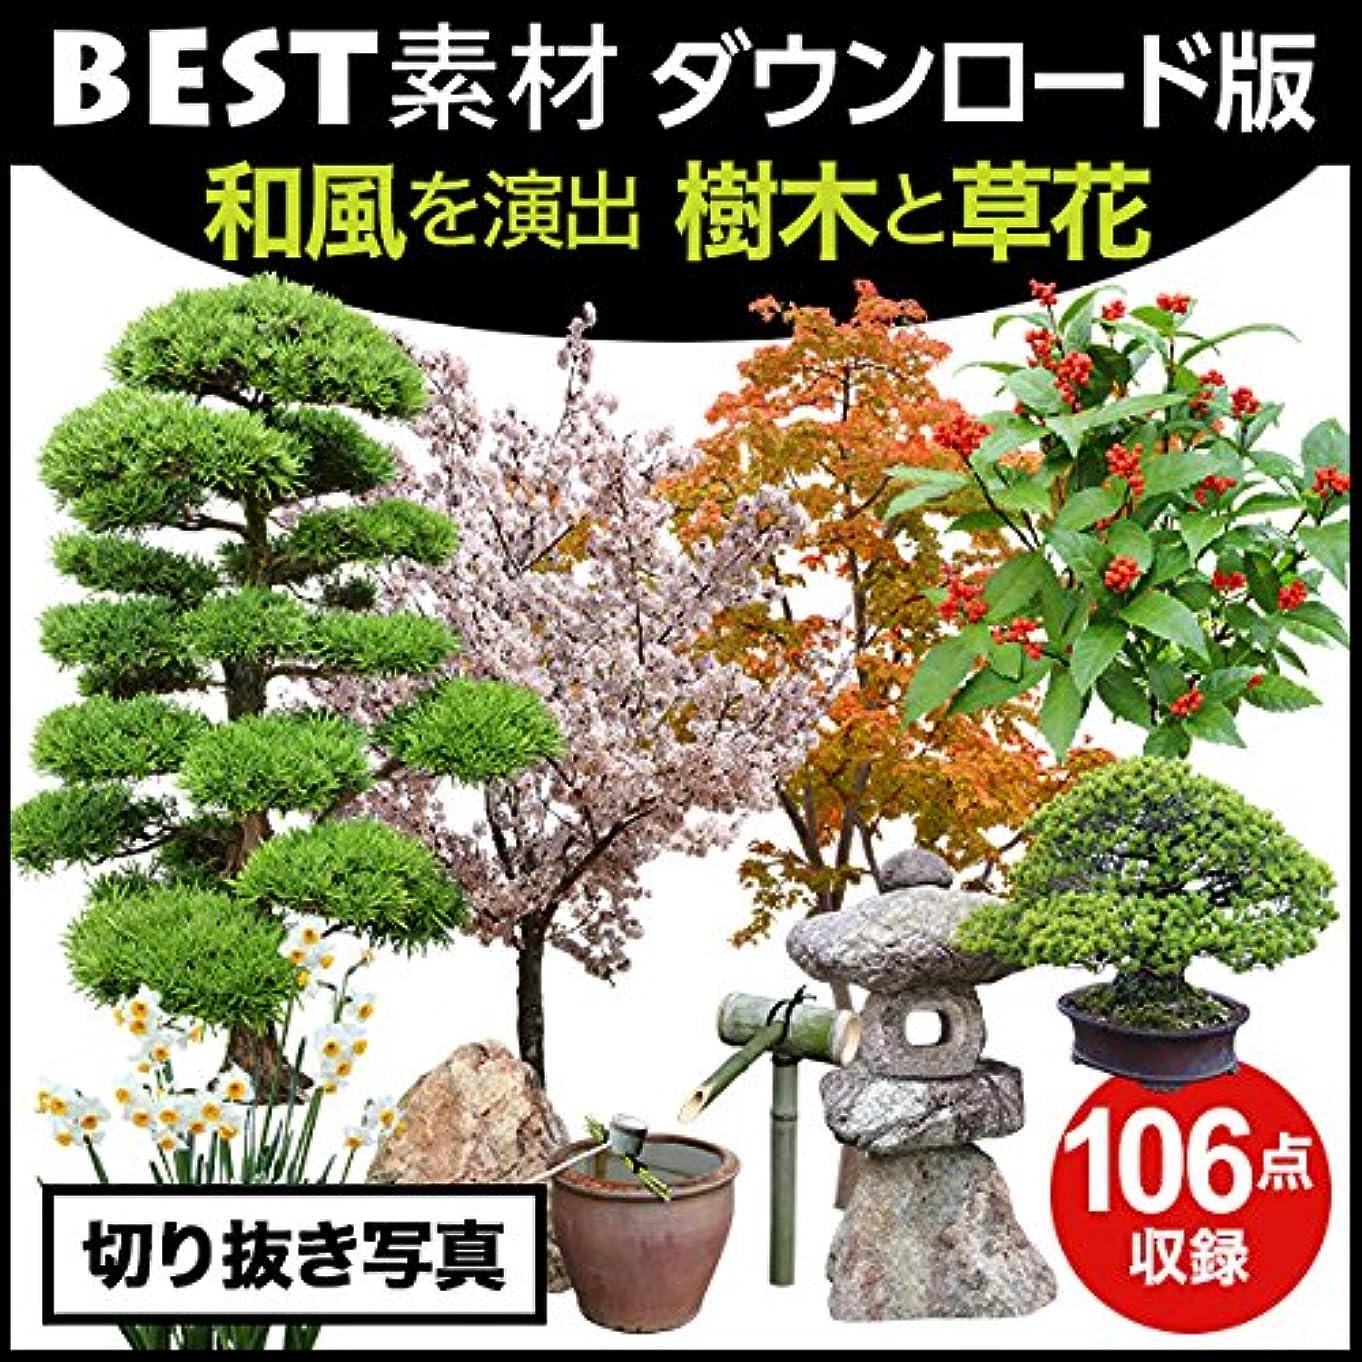 アレンジ世論調査奴隷【BEST素材】和風を演出_樹木と草花(Mac)|ダウンロード版